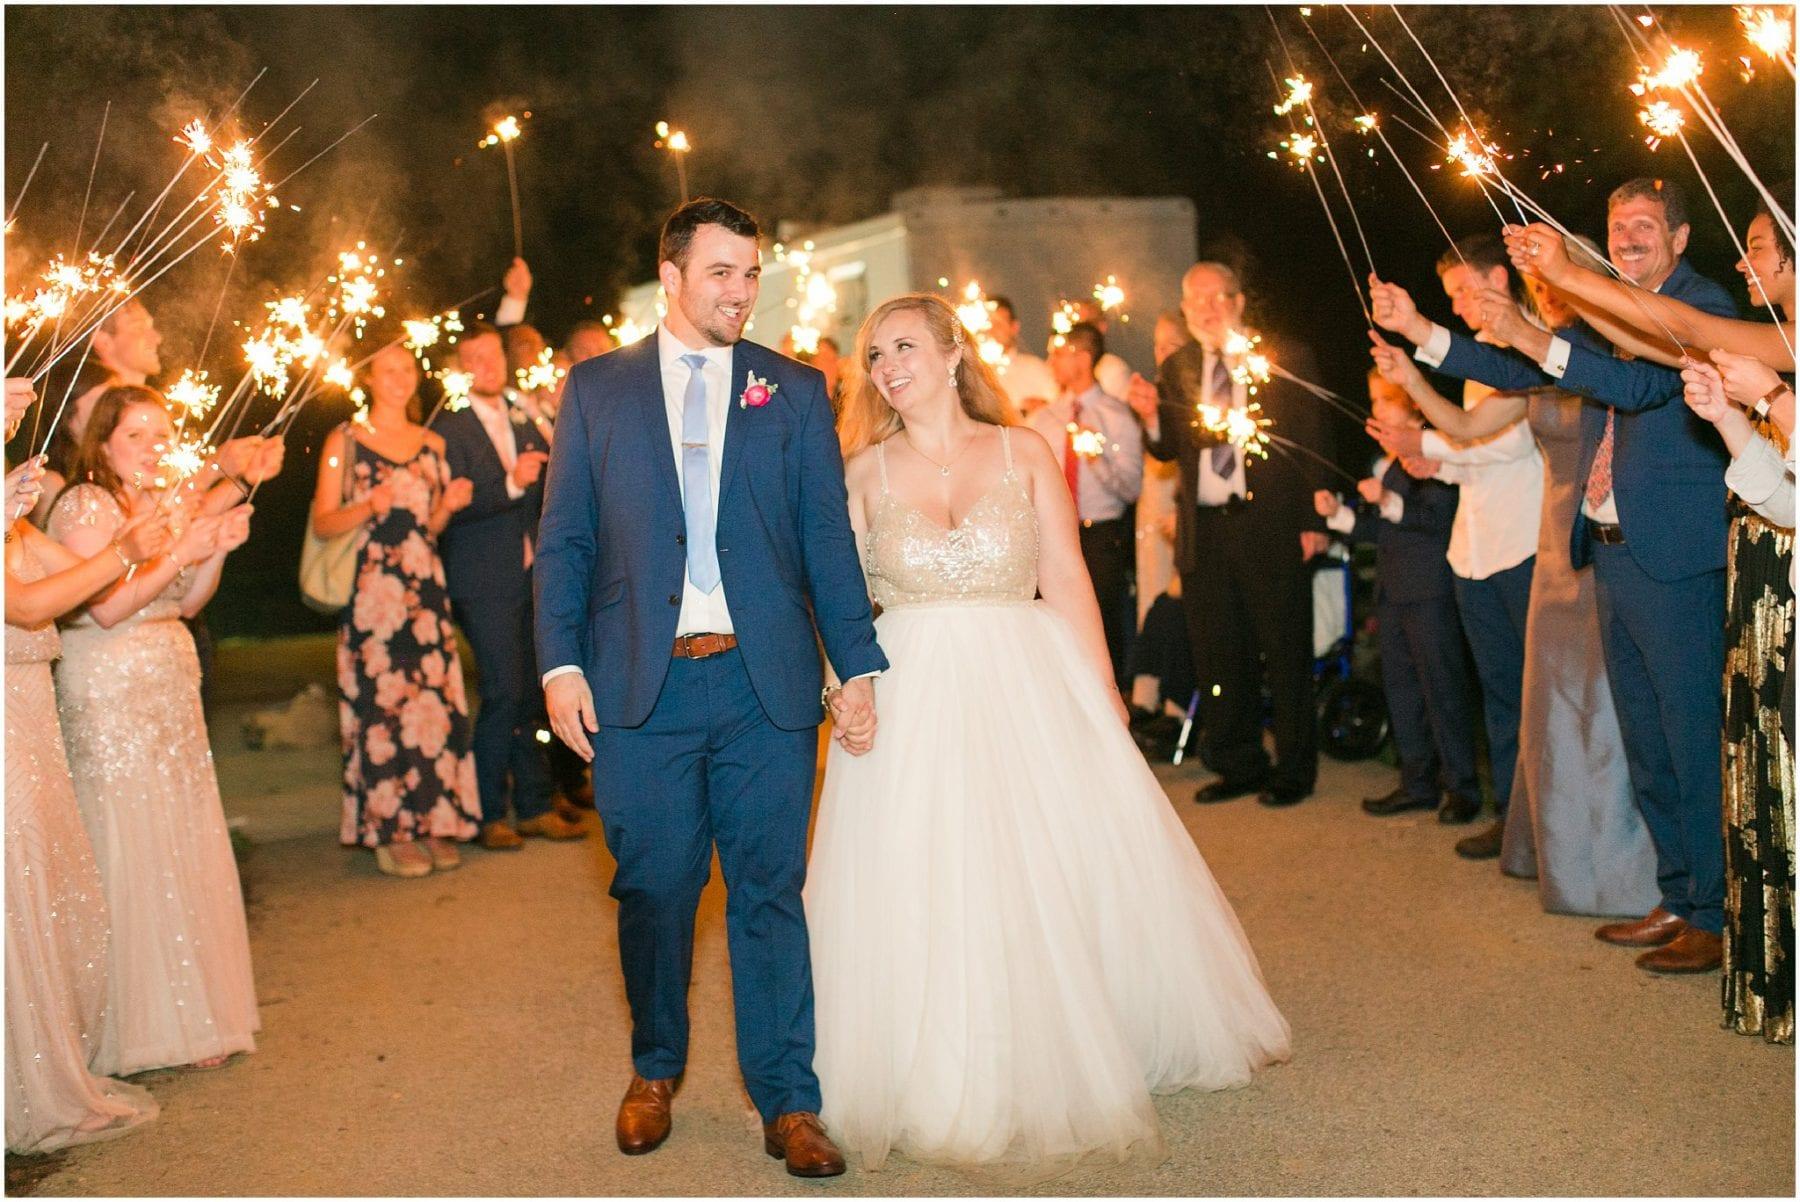 Maryland Backyard Wedding Photos Kelly & Zach Megan Kelsey Photography-347.jpg